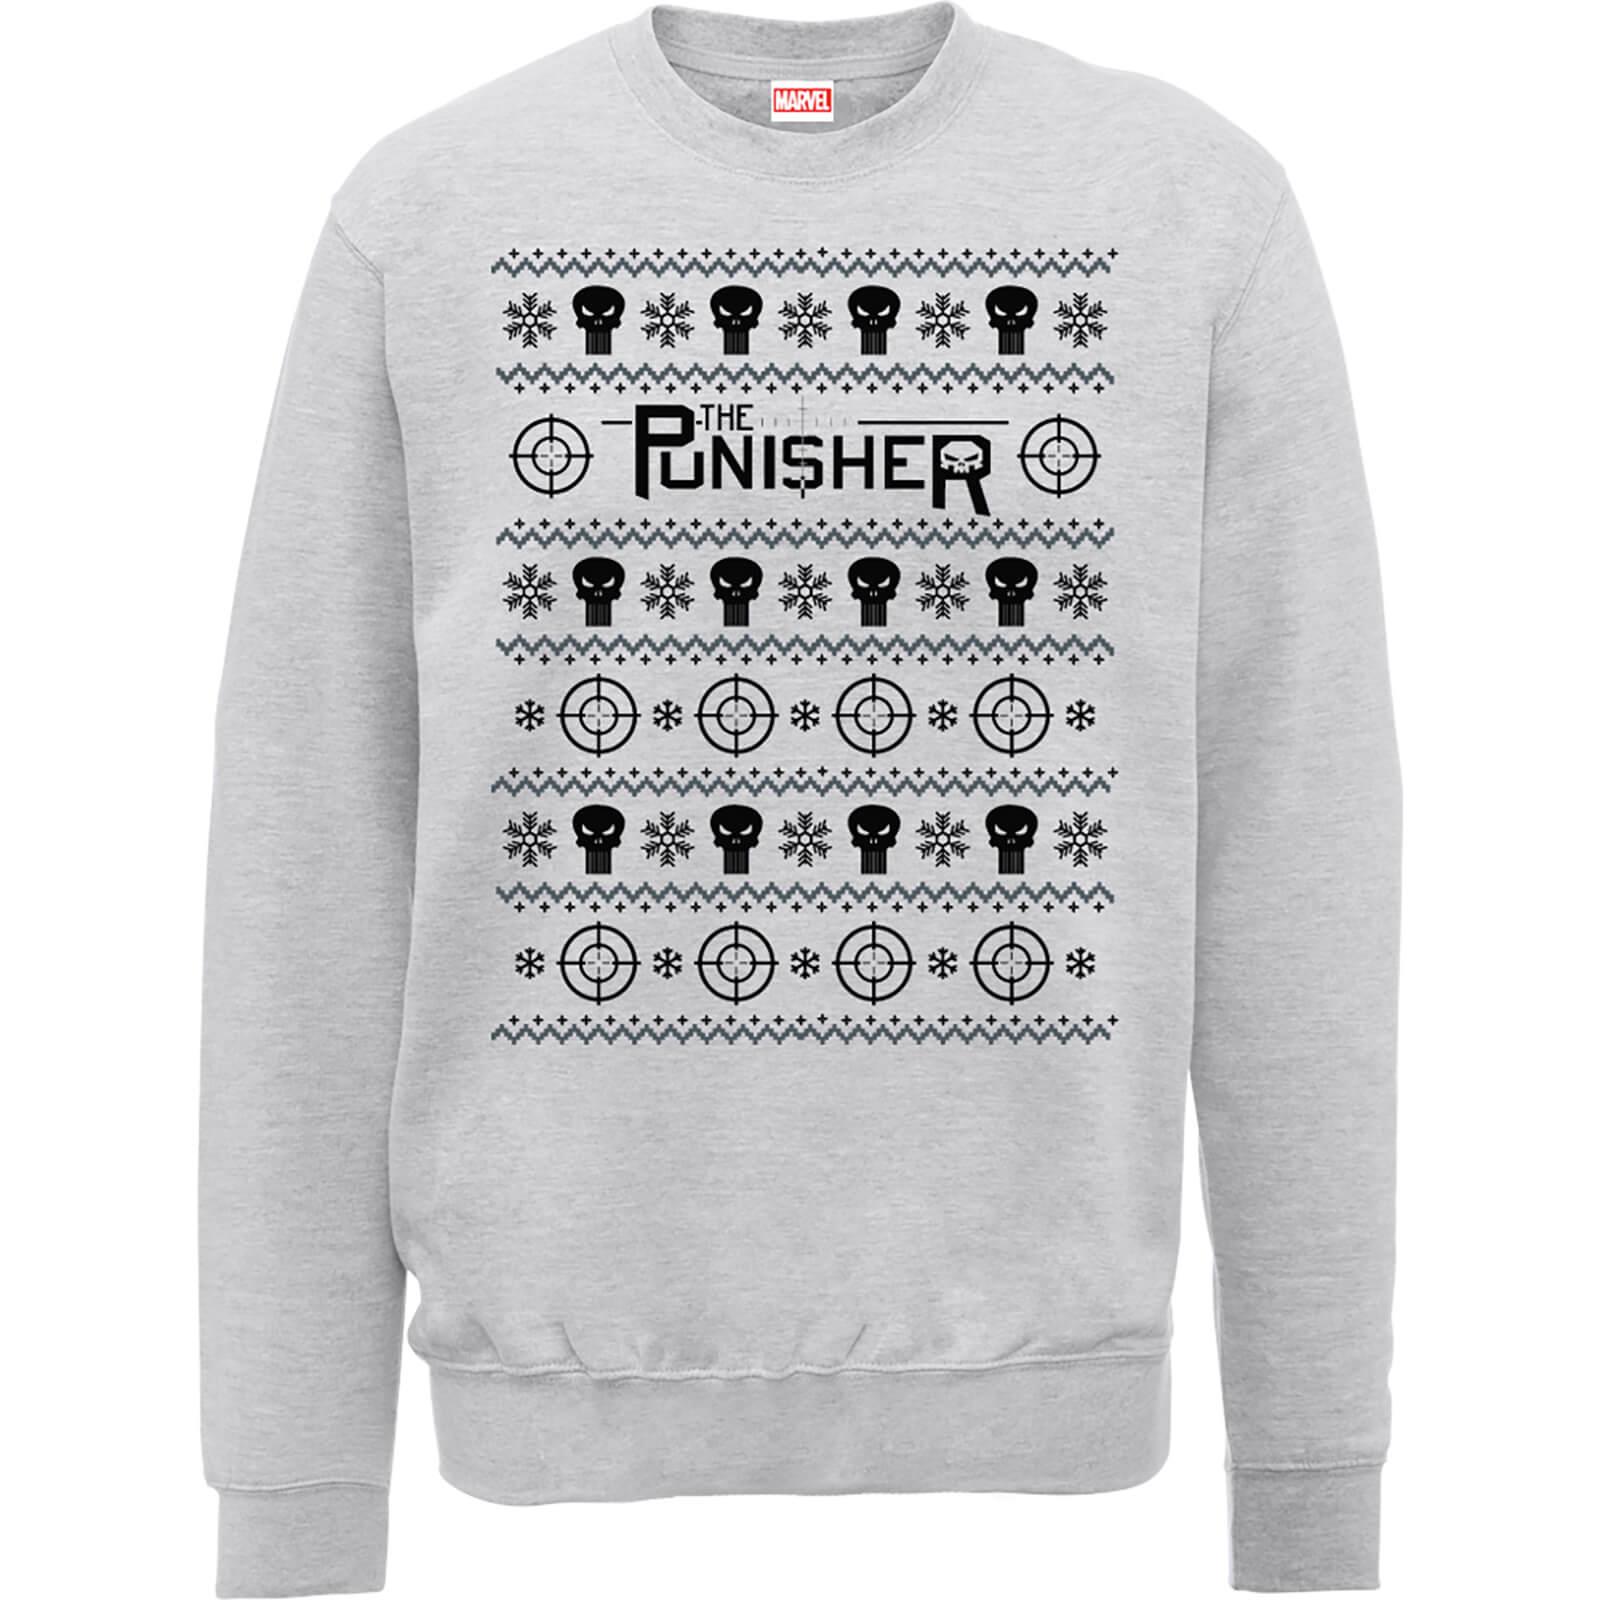 Marvel The Punisher Grey Christmas Sweatshirt Clothing | Zavvi US